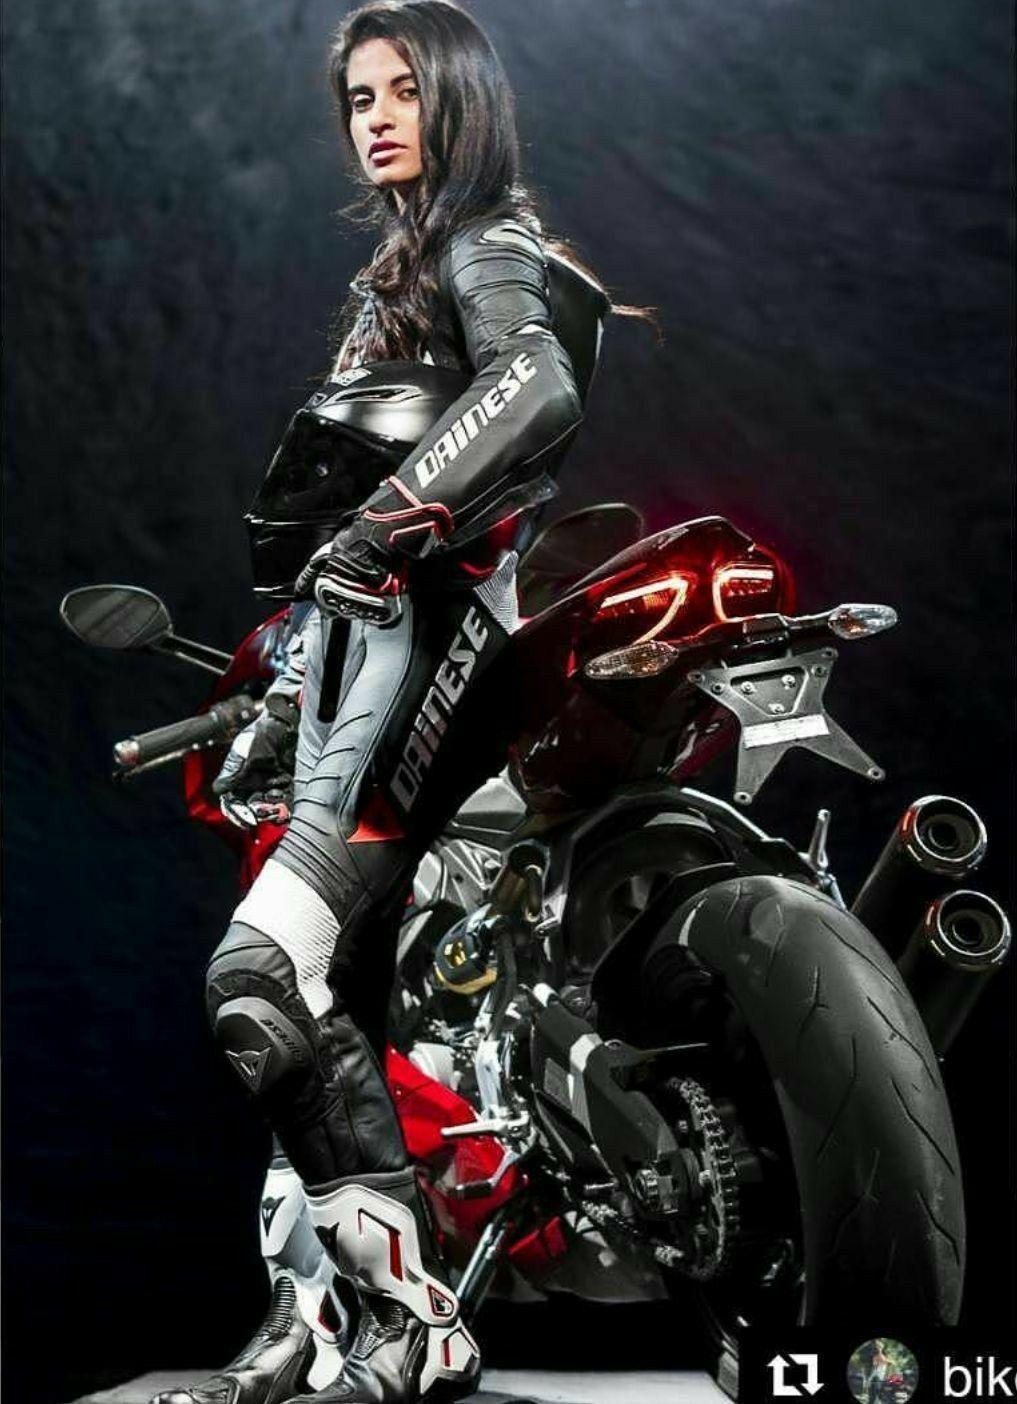 toples-artistov-simpatichnaya-derevenskaya-devushka-na-mototsikle-foto-rim-polniy-rot